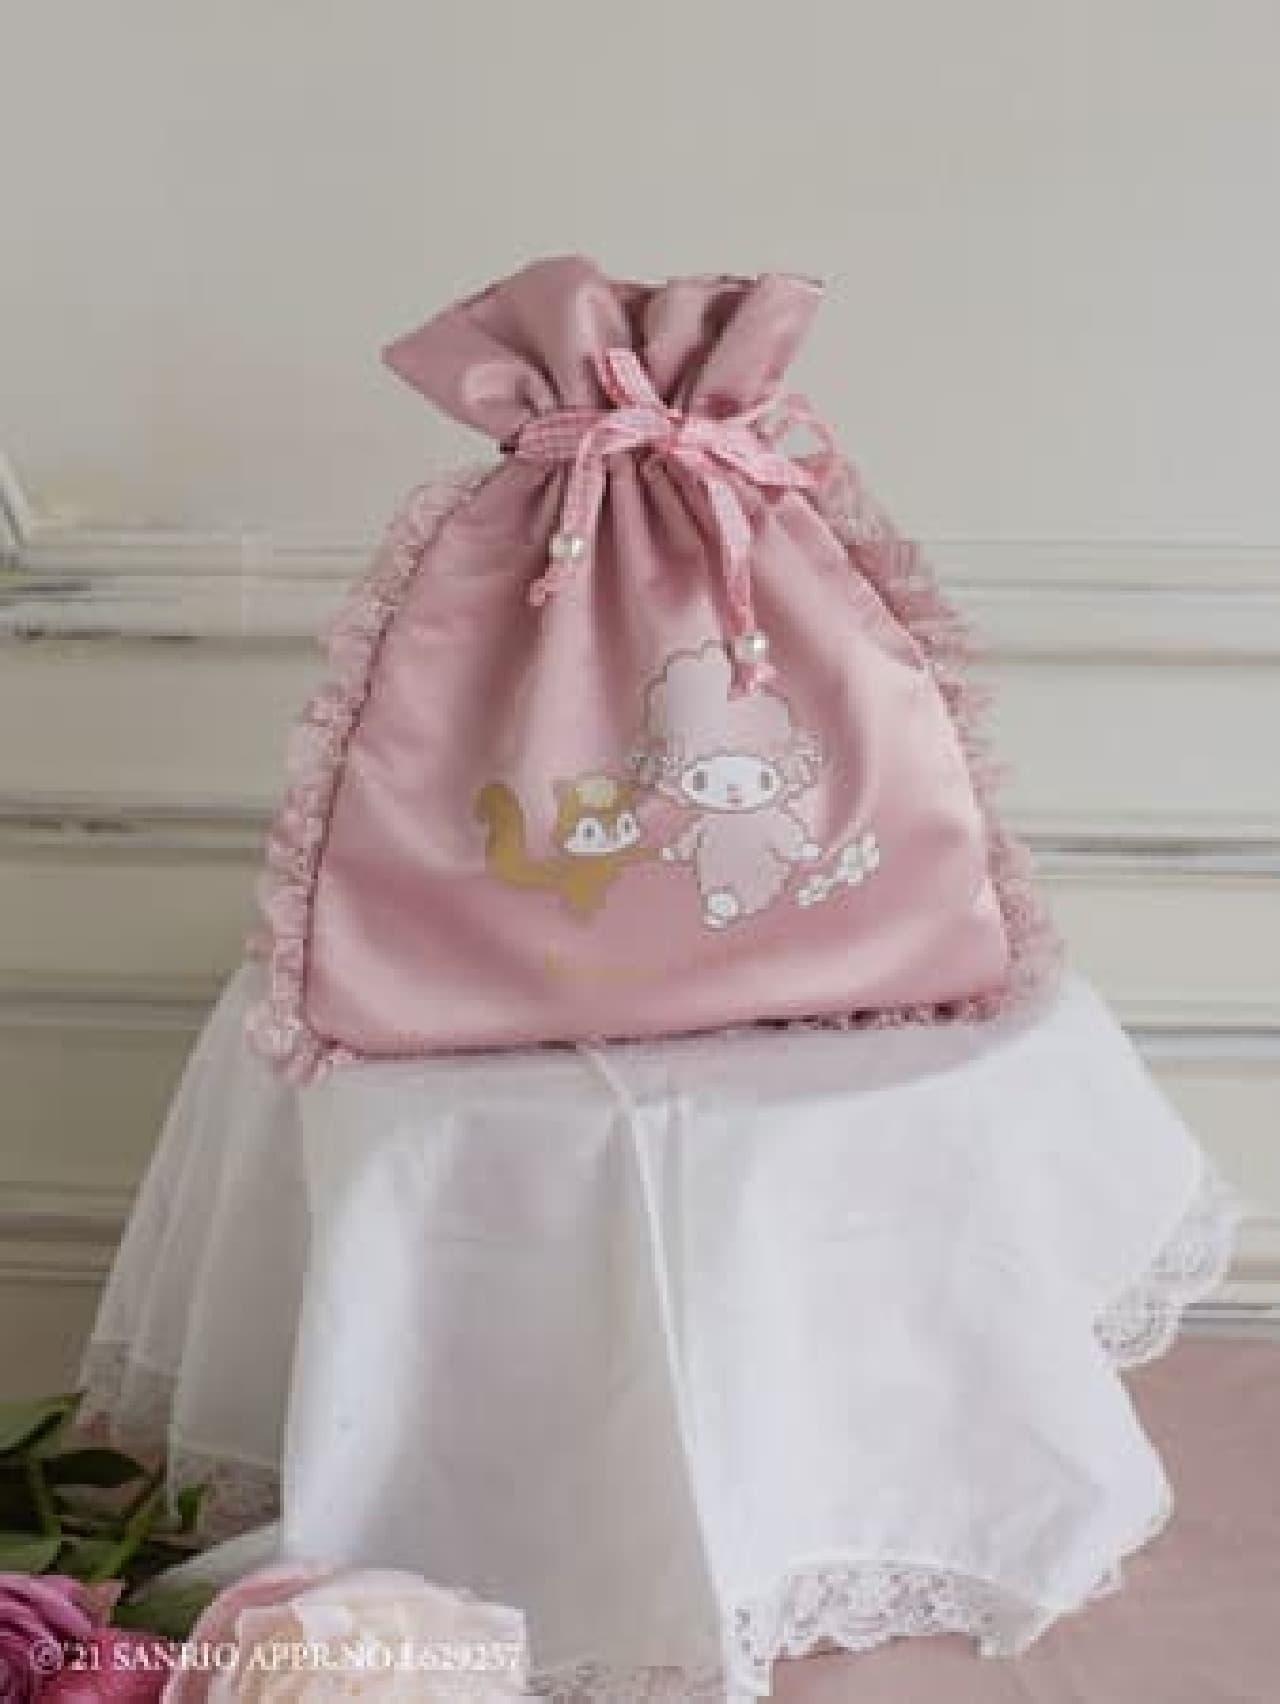 Maison de FLEUR×マイスウィートピアノがコラボ -- ピンクのトートバッグ・ぬいぐるみなど